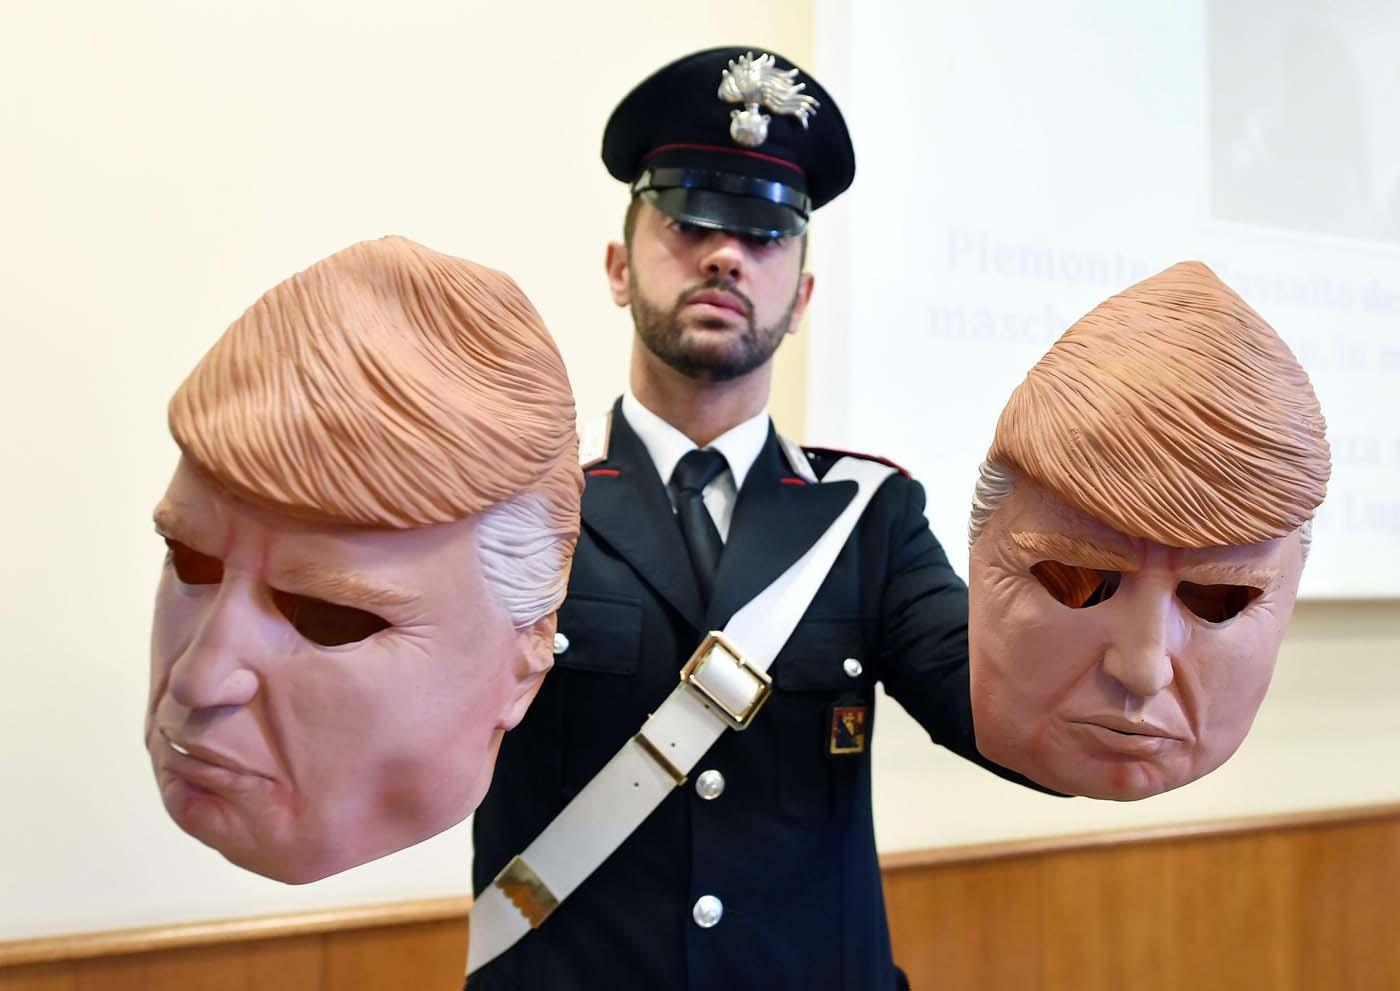 HAR02 TURÍN (ITALIA), 24/07/2017.- Un miembros de los Carabinari muestran unas máscaras con la imagen del presidente de Estados Unidos, Donald Trump, usadas por dos ladrones, durante una rueda de prensa en Turín, Italia, hoy, 24 de julio de 2017. Dos hermanos, Vittorio y Ivan Lafore, utilizaron las máscaras cuando trataban de robar en un cajero automático. Ambos fueron arrestados hoy en Turín. EFE/Alessandro Di Marco